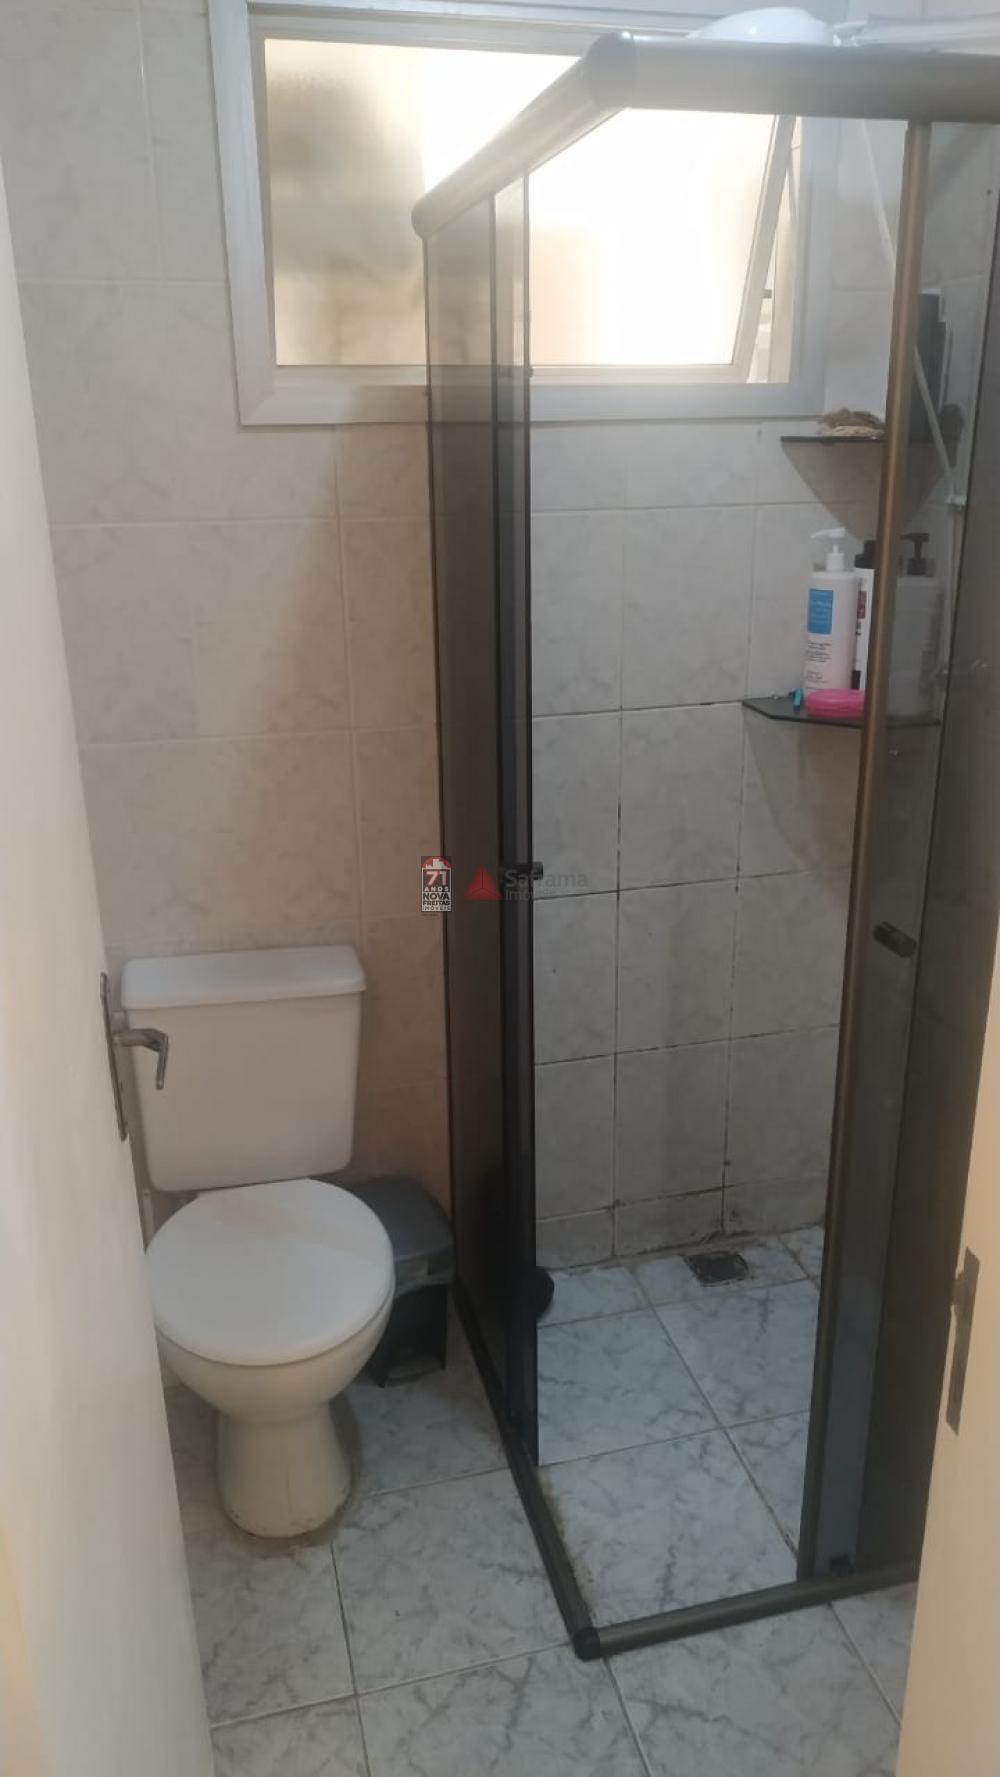 Comprar Apartamento / Padrão em São José dos Campos R$ 240.000,00 - Foto 9